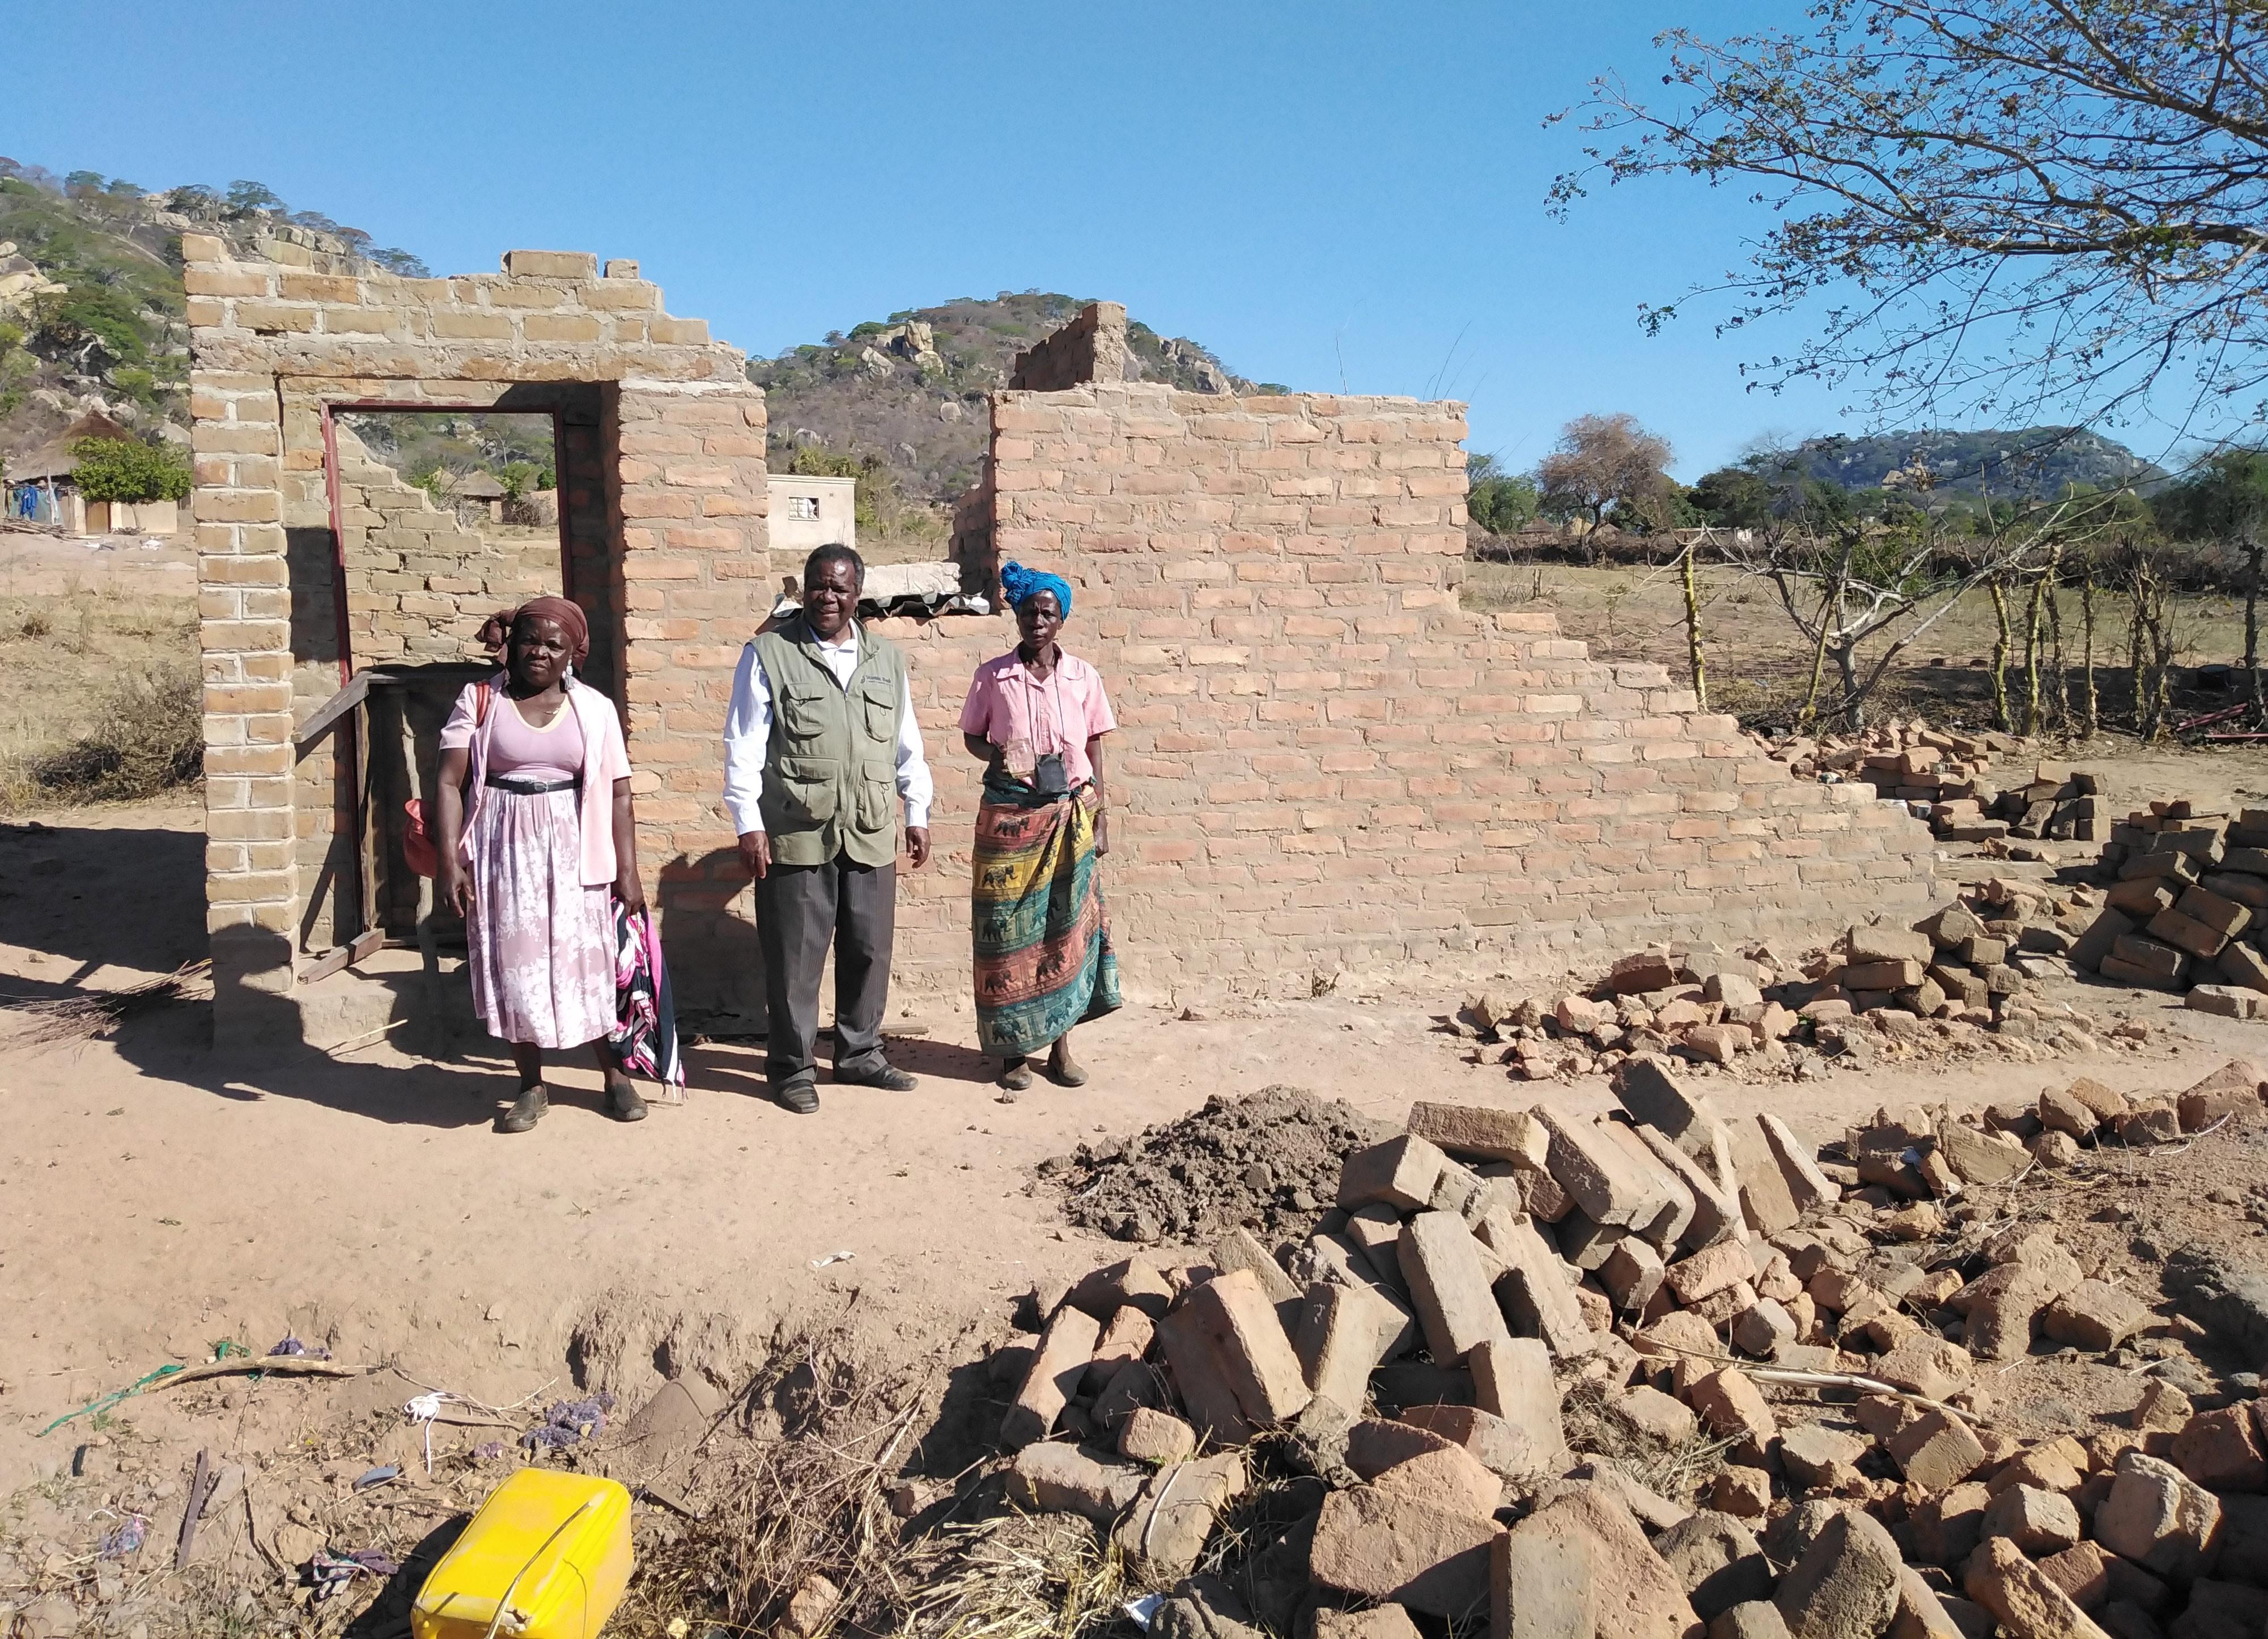 Vivian Chigweshe, à droite, se tient devant sa maison, qui a été détruite par le cyclone Idai en mars. Elle est l'une des survivants qui grâce au soutien de l'Église Méthodiste Unie se feront construire une nouvelle maison. (A partir de la gauche sur la photo), le leader laïc Chirobwe Kupeti et le révérend Jairos Mafondokoto, surintendant du district de Masvingo. Photo de Chenayi Kumuterera, UM News.